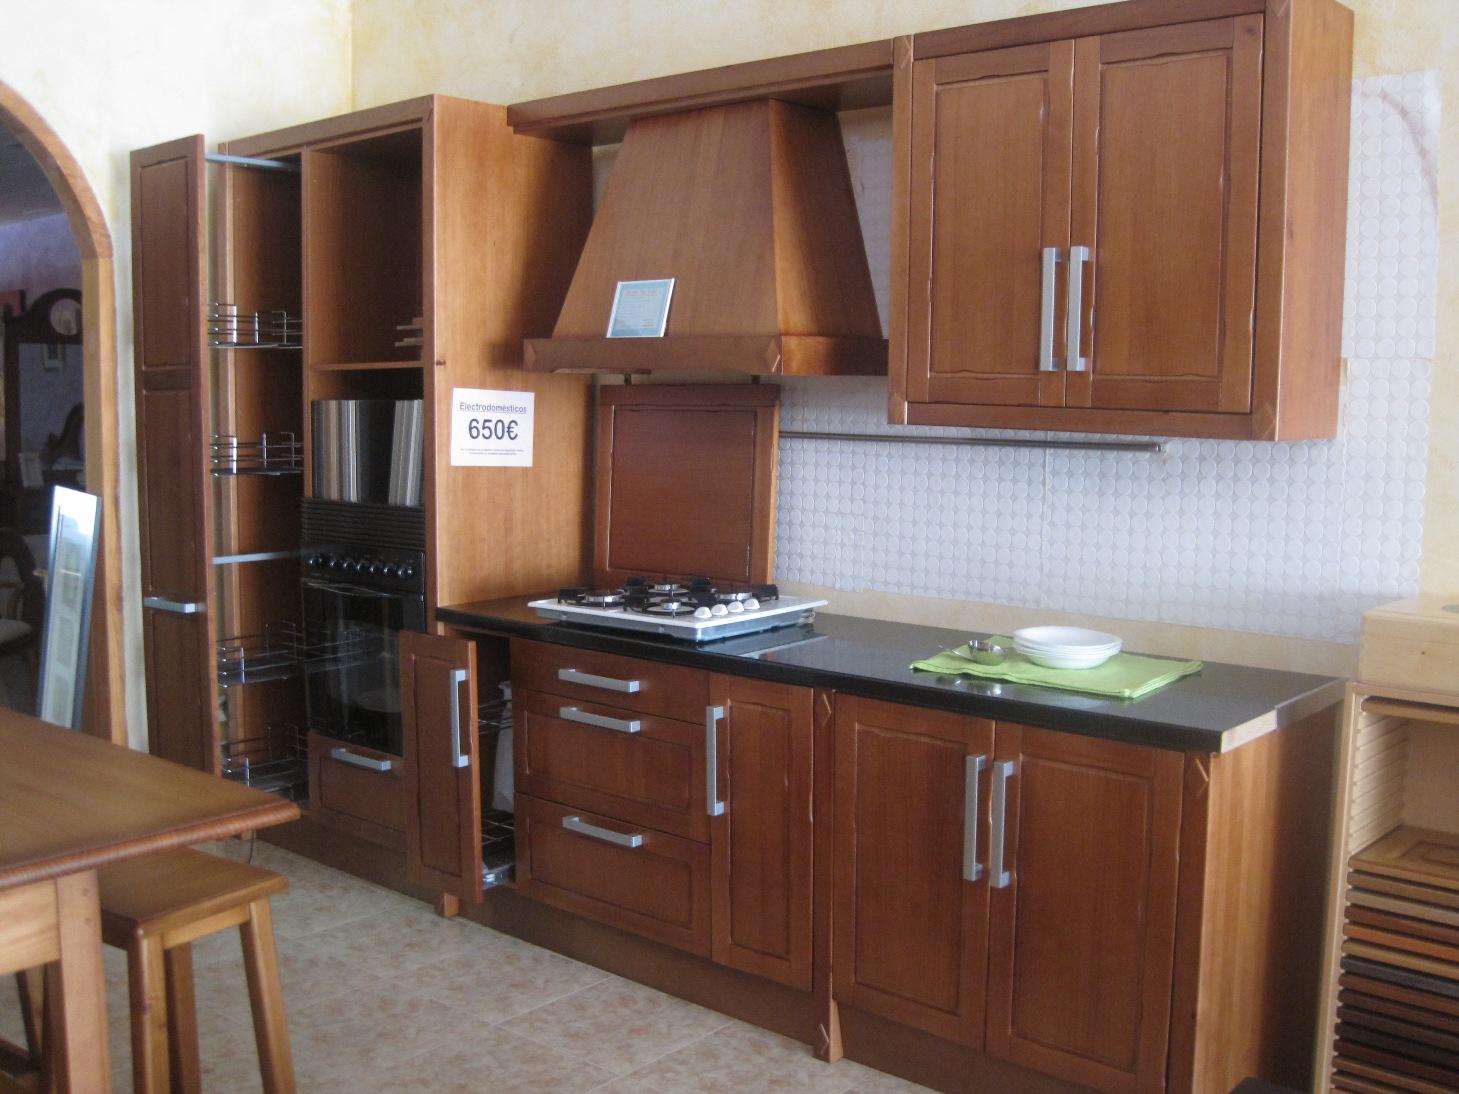 Muebles arcecoll abril 2013 for Liquidacion muebles alicante